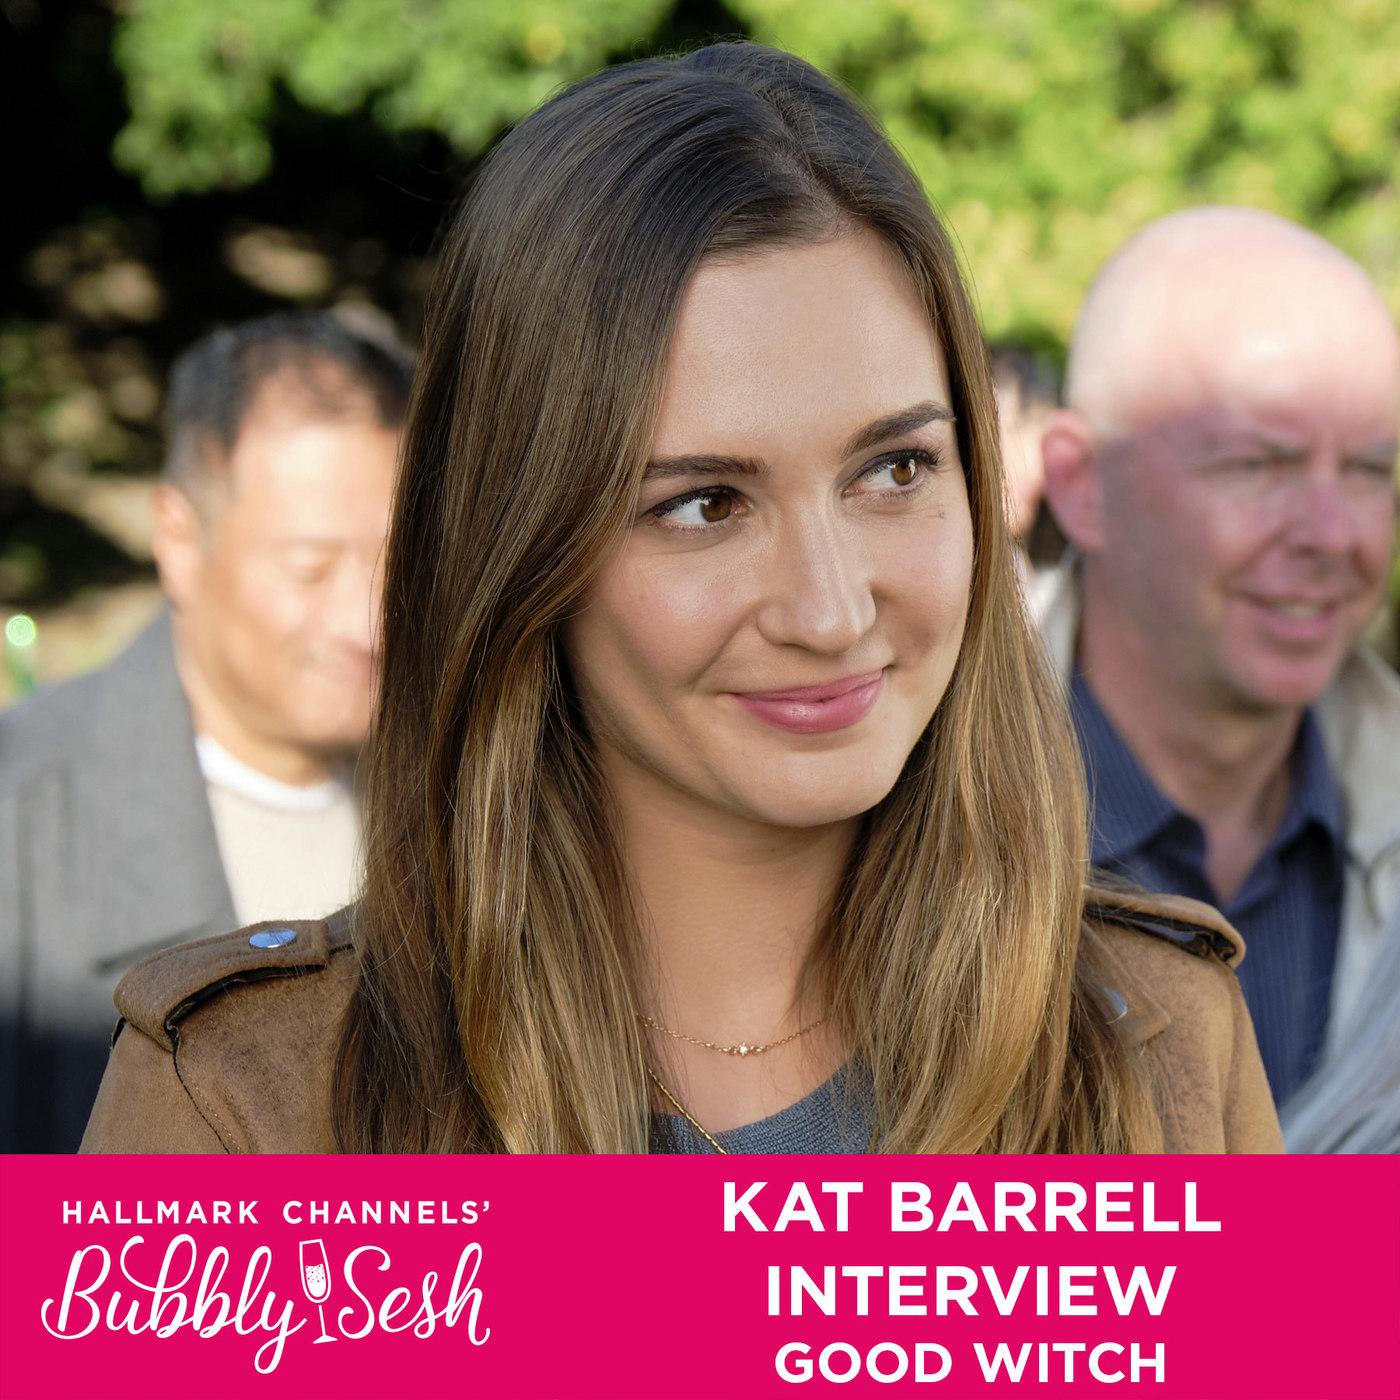 Kat Barrell Interview, Good Witch